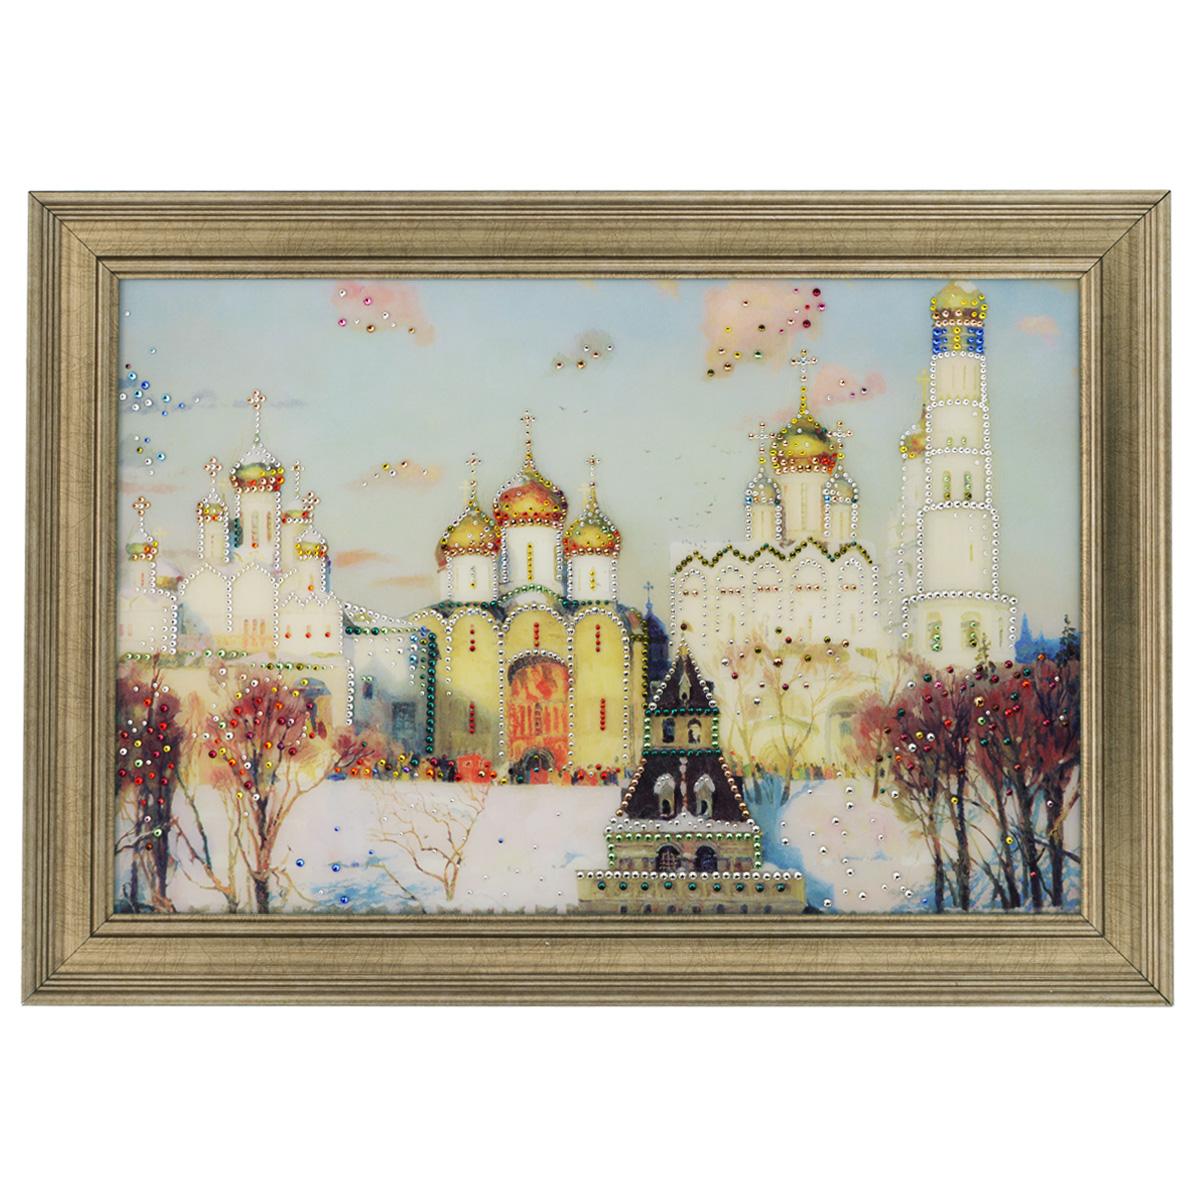 Картина с кристаллами Swarovski Золотые купола, 70 см х 50 см1154Изящная картина в багетной раме, инкрустирована кристаллами Swarovski, которые отличаются четкой и ровной огранкой, ярким блеском и чистотой цвета. Красочное изображение церквей, расположенное под стеклом, прекрасно дополняет блеск кристаллов. С обратной стороны имеется металлическая проволока для размещения картины на стене. Картина с кристаллами Swarovski Золотые купола элегантно украсит интерьер дома или офиса, а также станет прекрасным подарком, который обязательно понравится получателю. Блеск кристаллов в интерьере, что может быть сказочнее и удивительнее. Картина упакована в подарочную картонную коробку синего цвета и комплектуется сертификатом соответствия Swarovski.